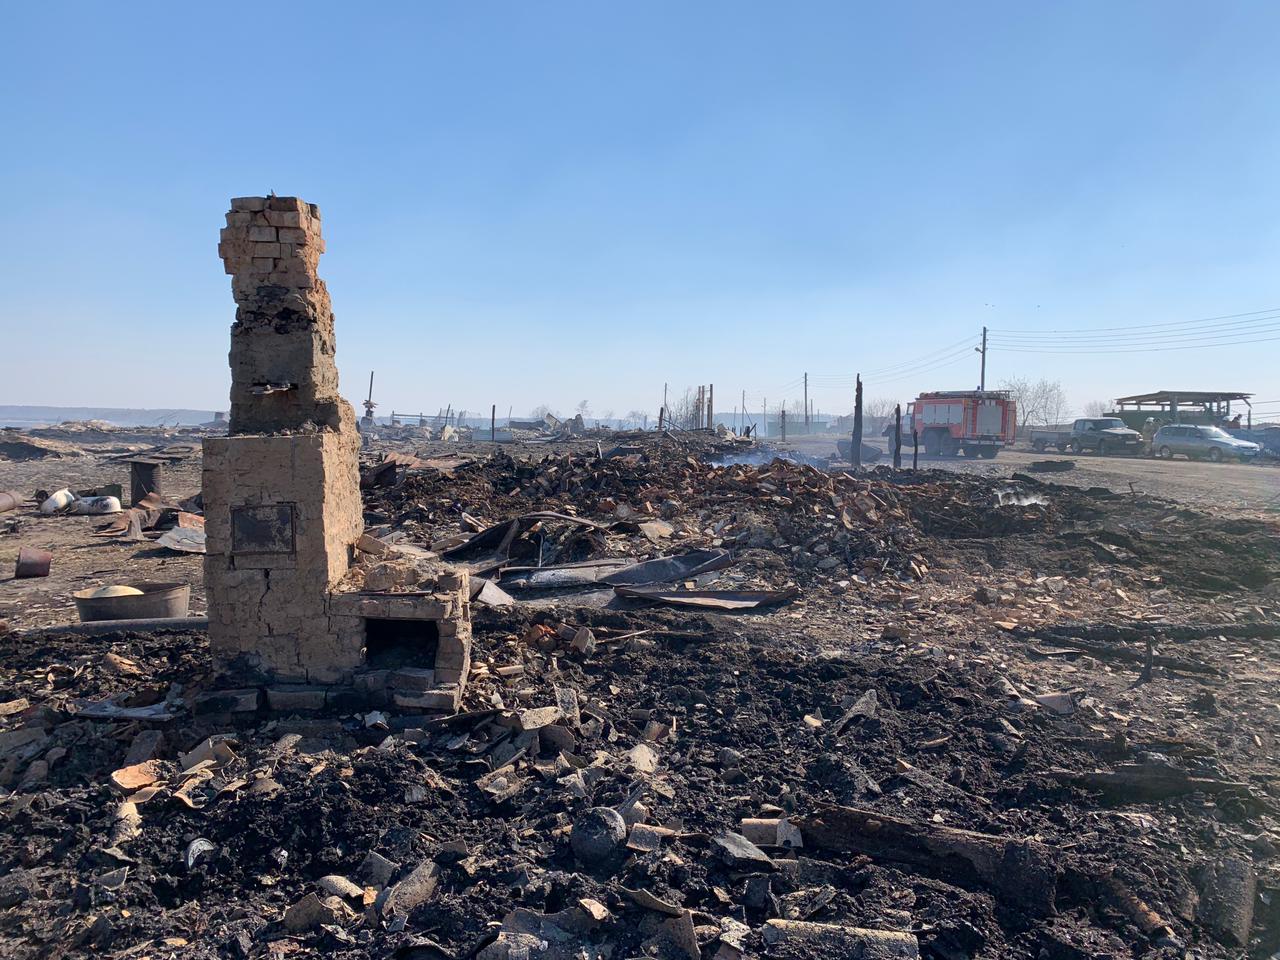 Бурков на вертолете прилетел в сгоревшую дотла омскую деревню #Омск #Общество #Сегодня